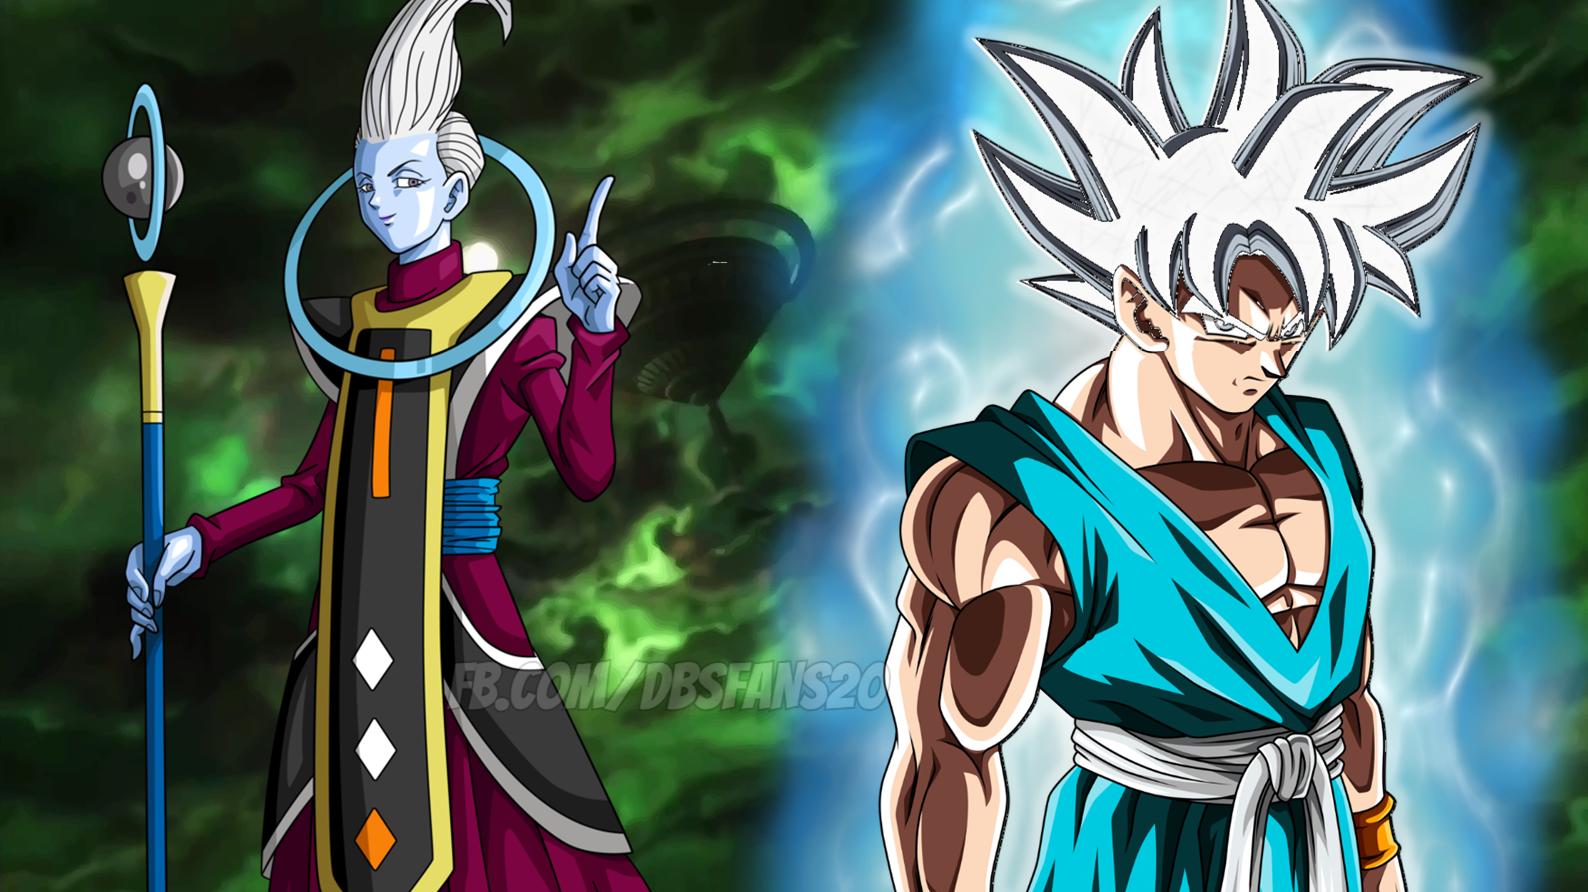 Dibujos Para Colorear De Goku Ultra Instinto: Explicación: Goku Ultra Instinto Perfecto Puede Derrotar A